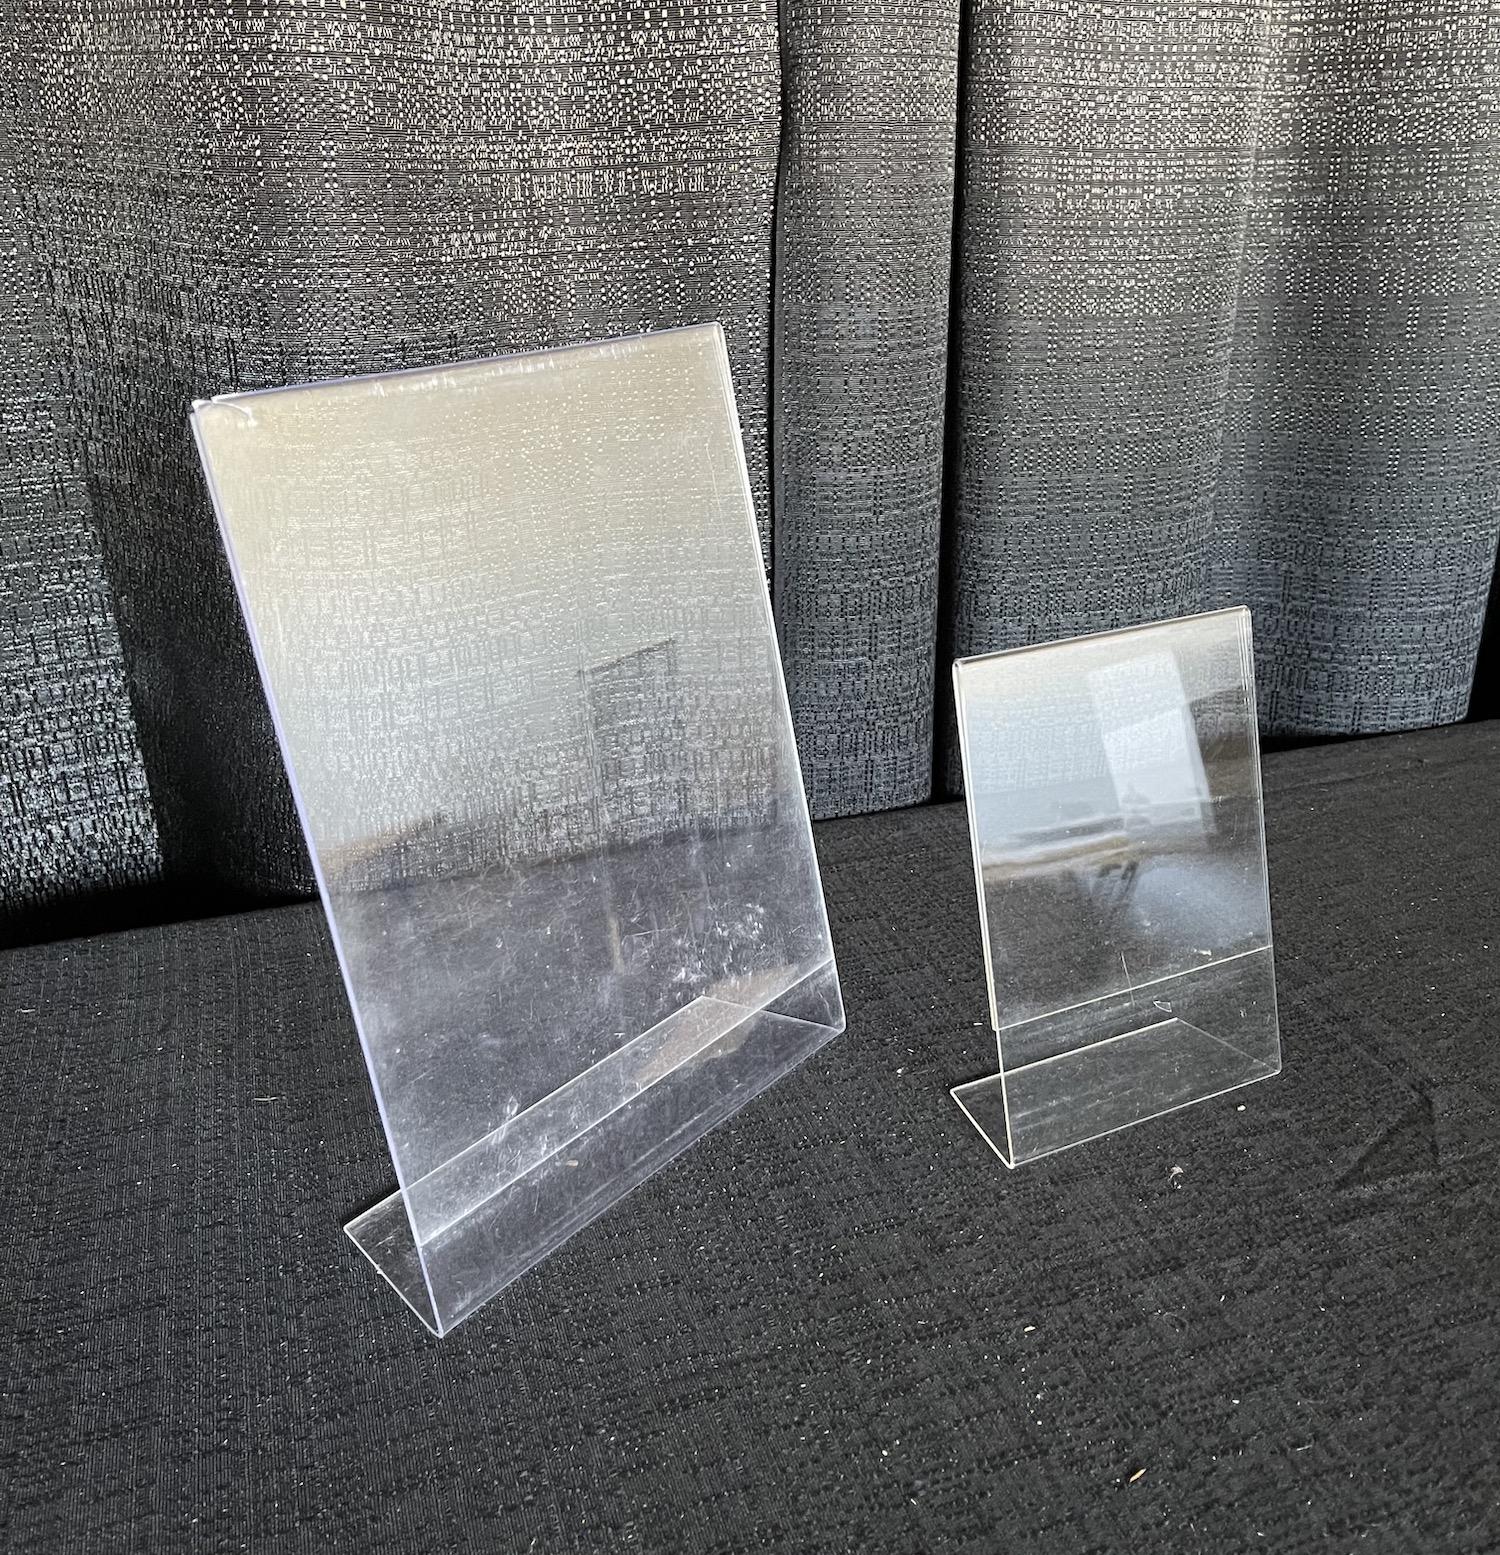 Acrylic slanted display stand